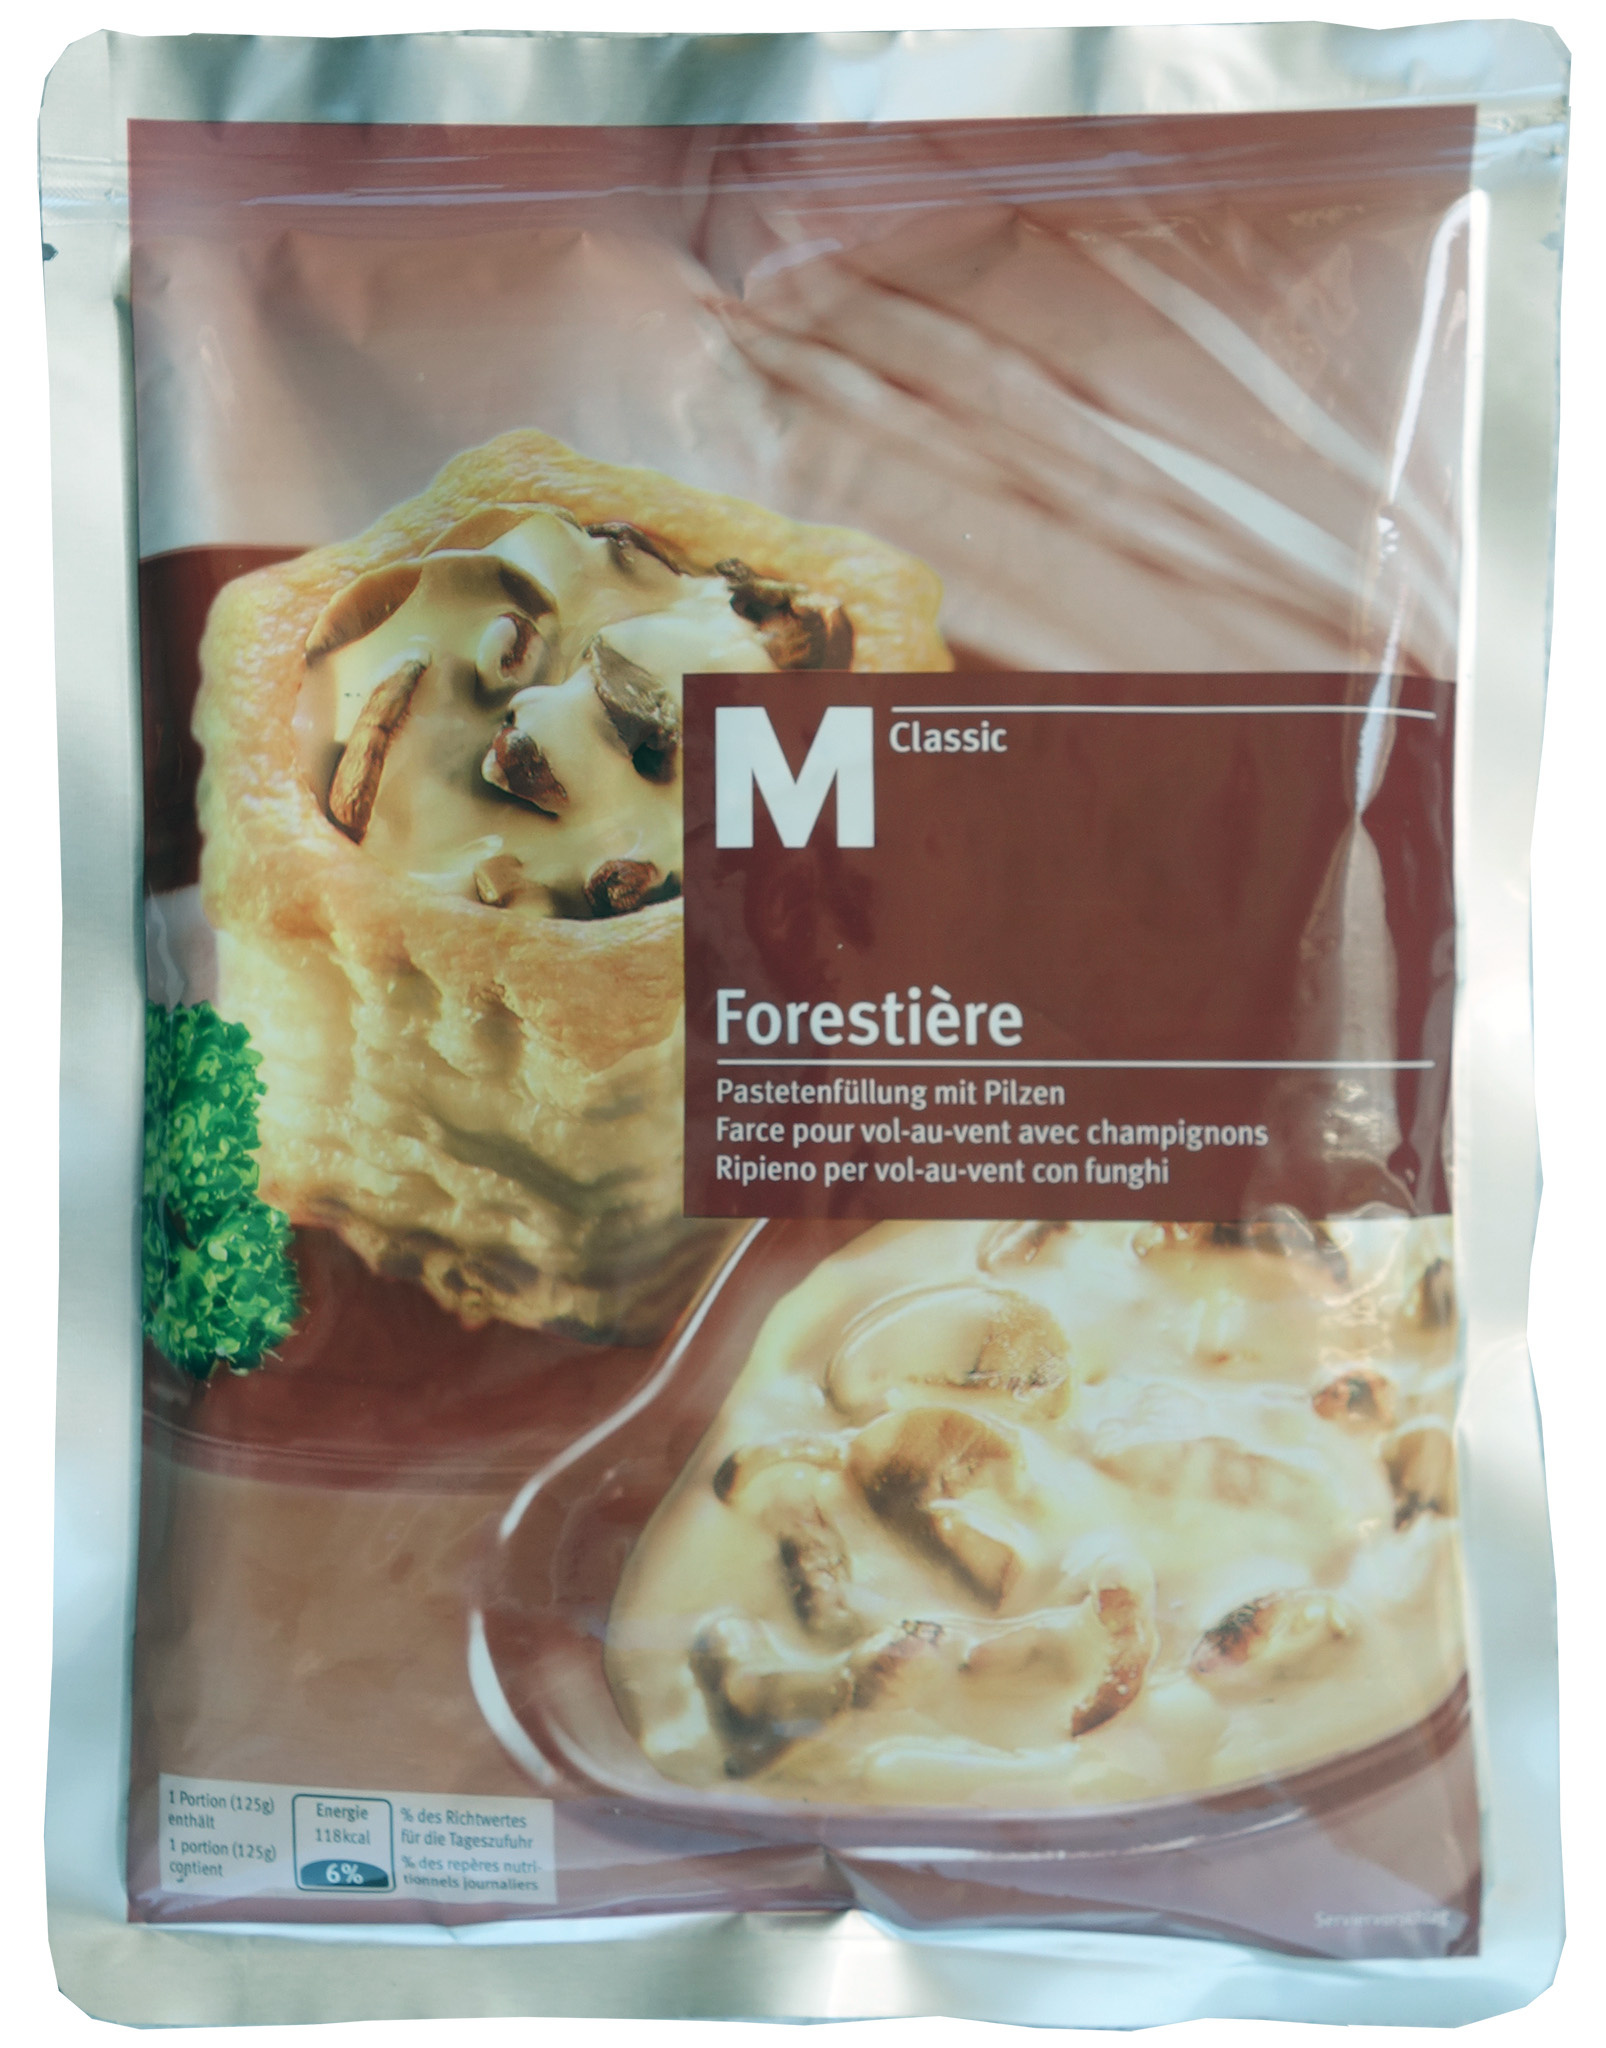 Farce pour vol-au-vent Forestière M-Classic - Product - fr